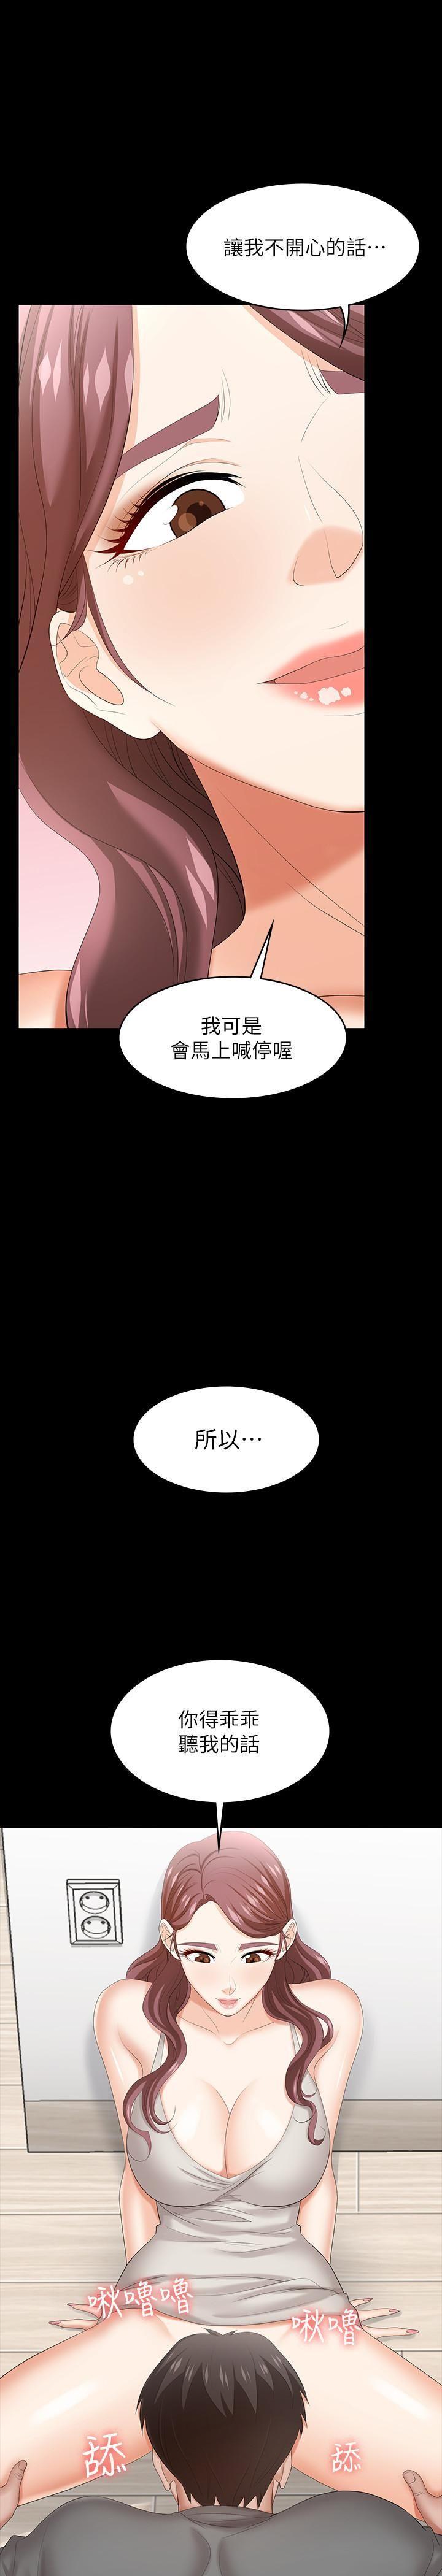 第38話 - 熟練的世茵和彥宏